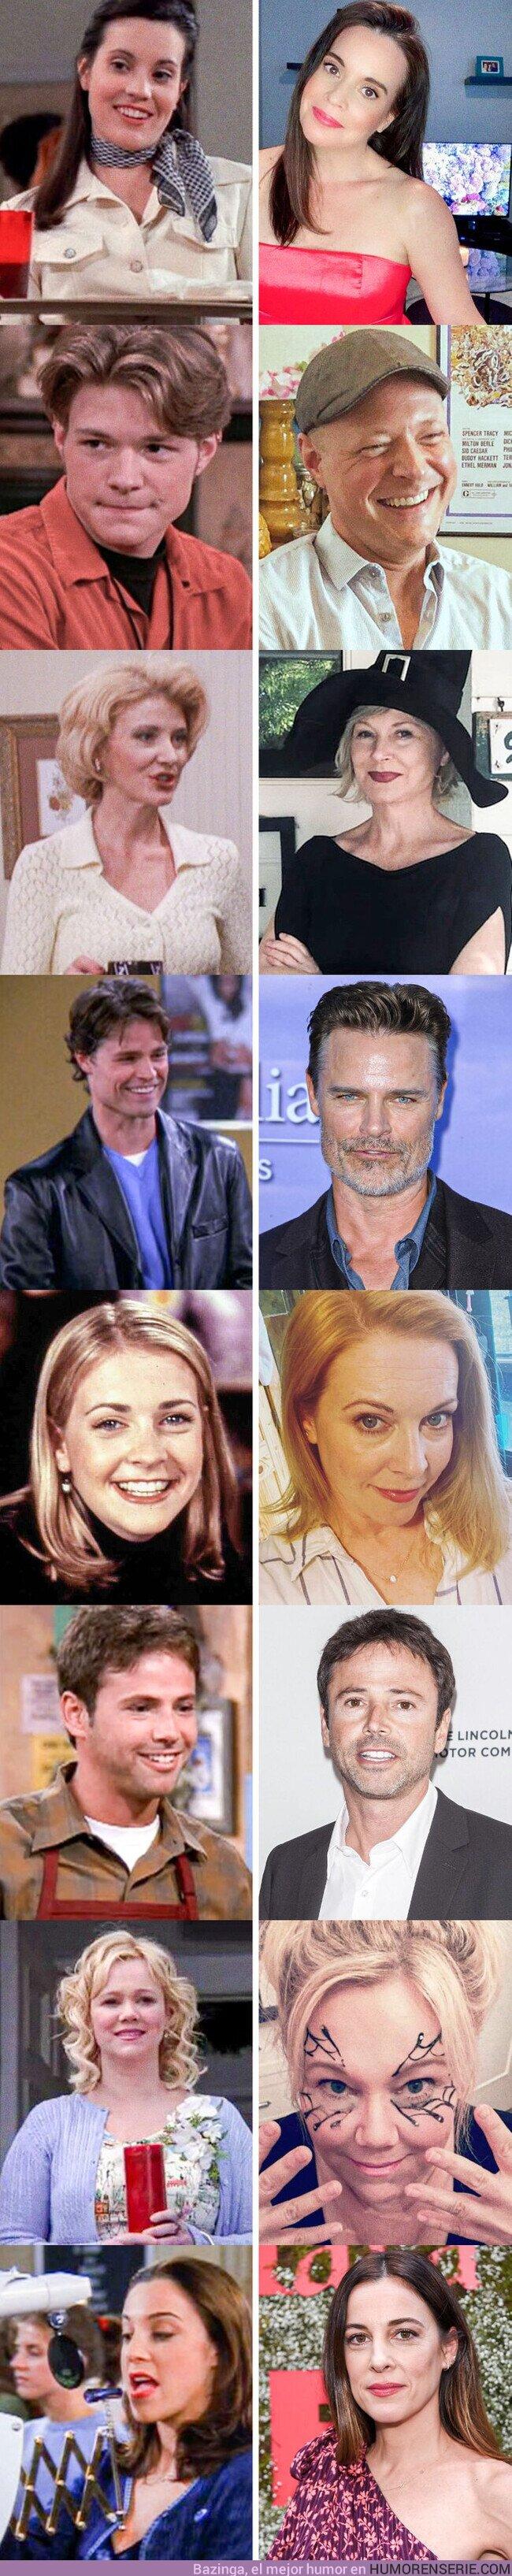 """57020 - GALERÍA: Así se ven los actores de """"Sabrina, la bruja adolescente"""" el día de hoy"""